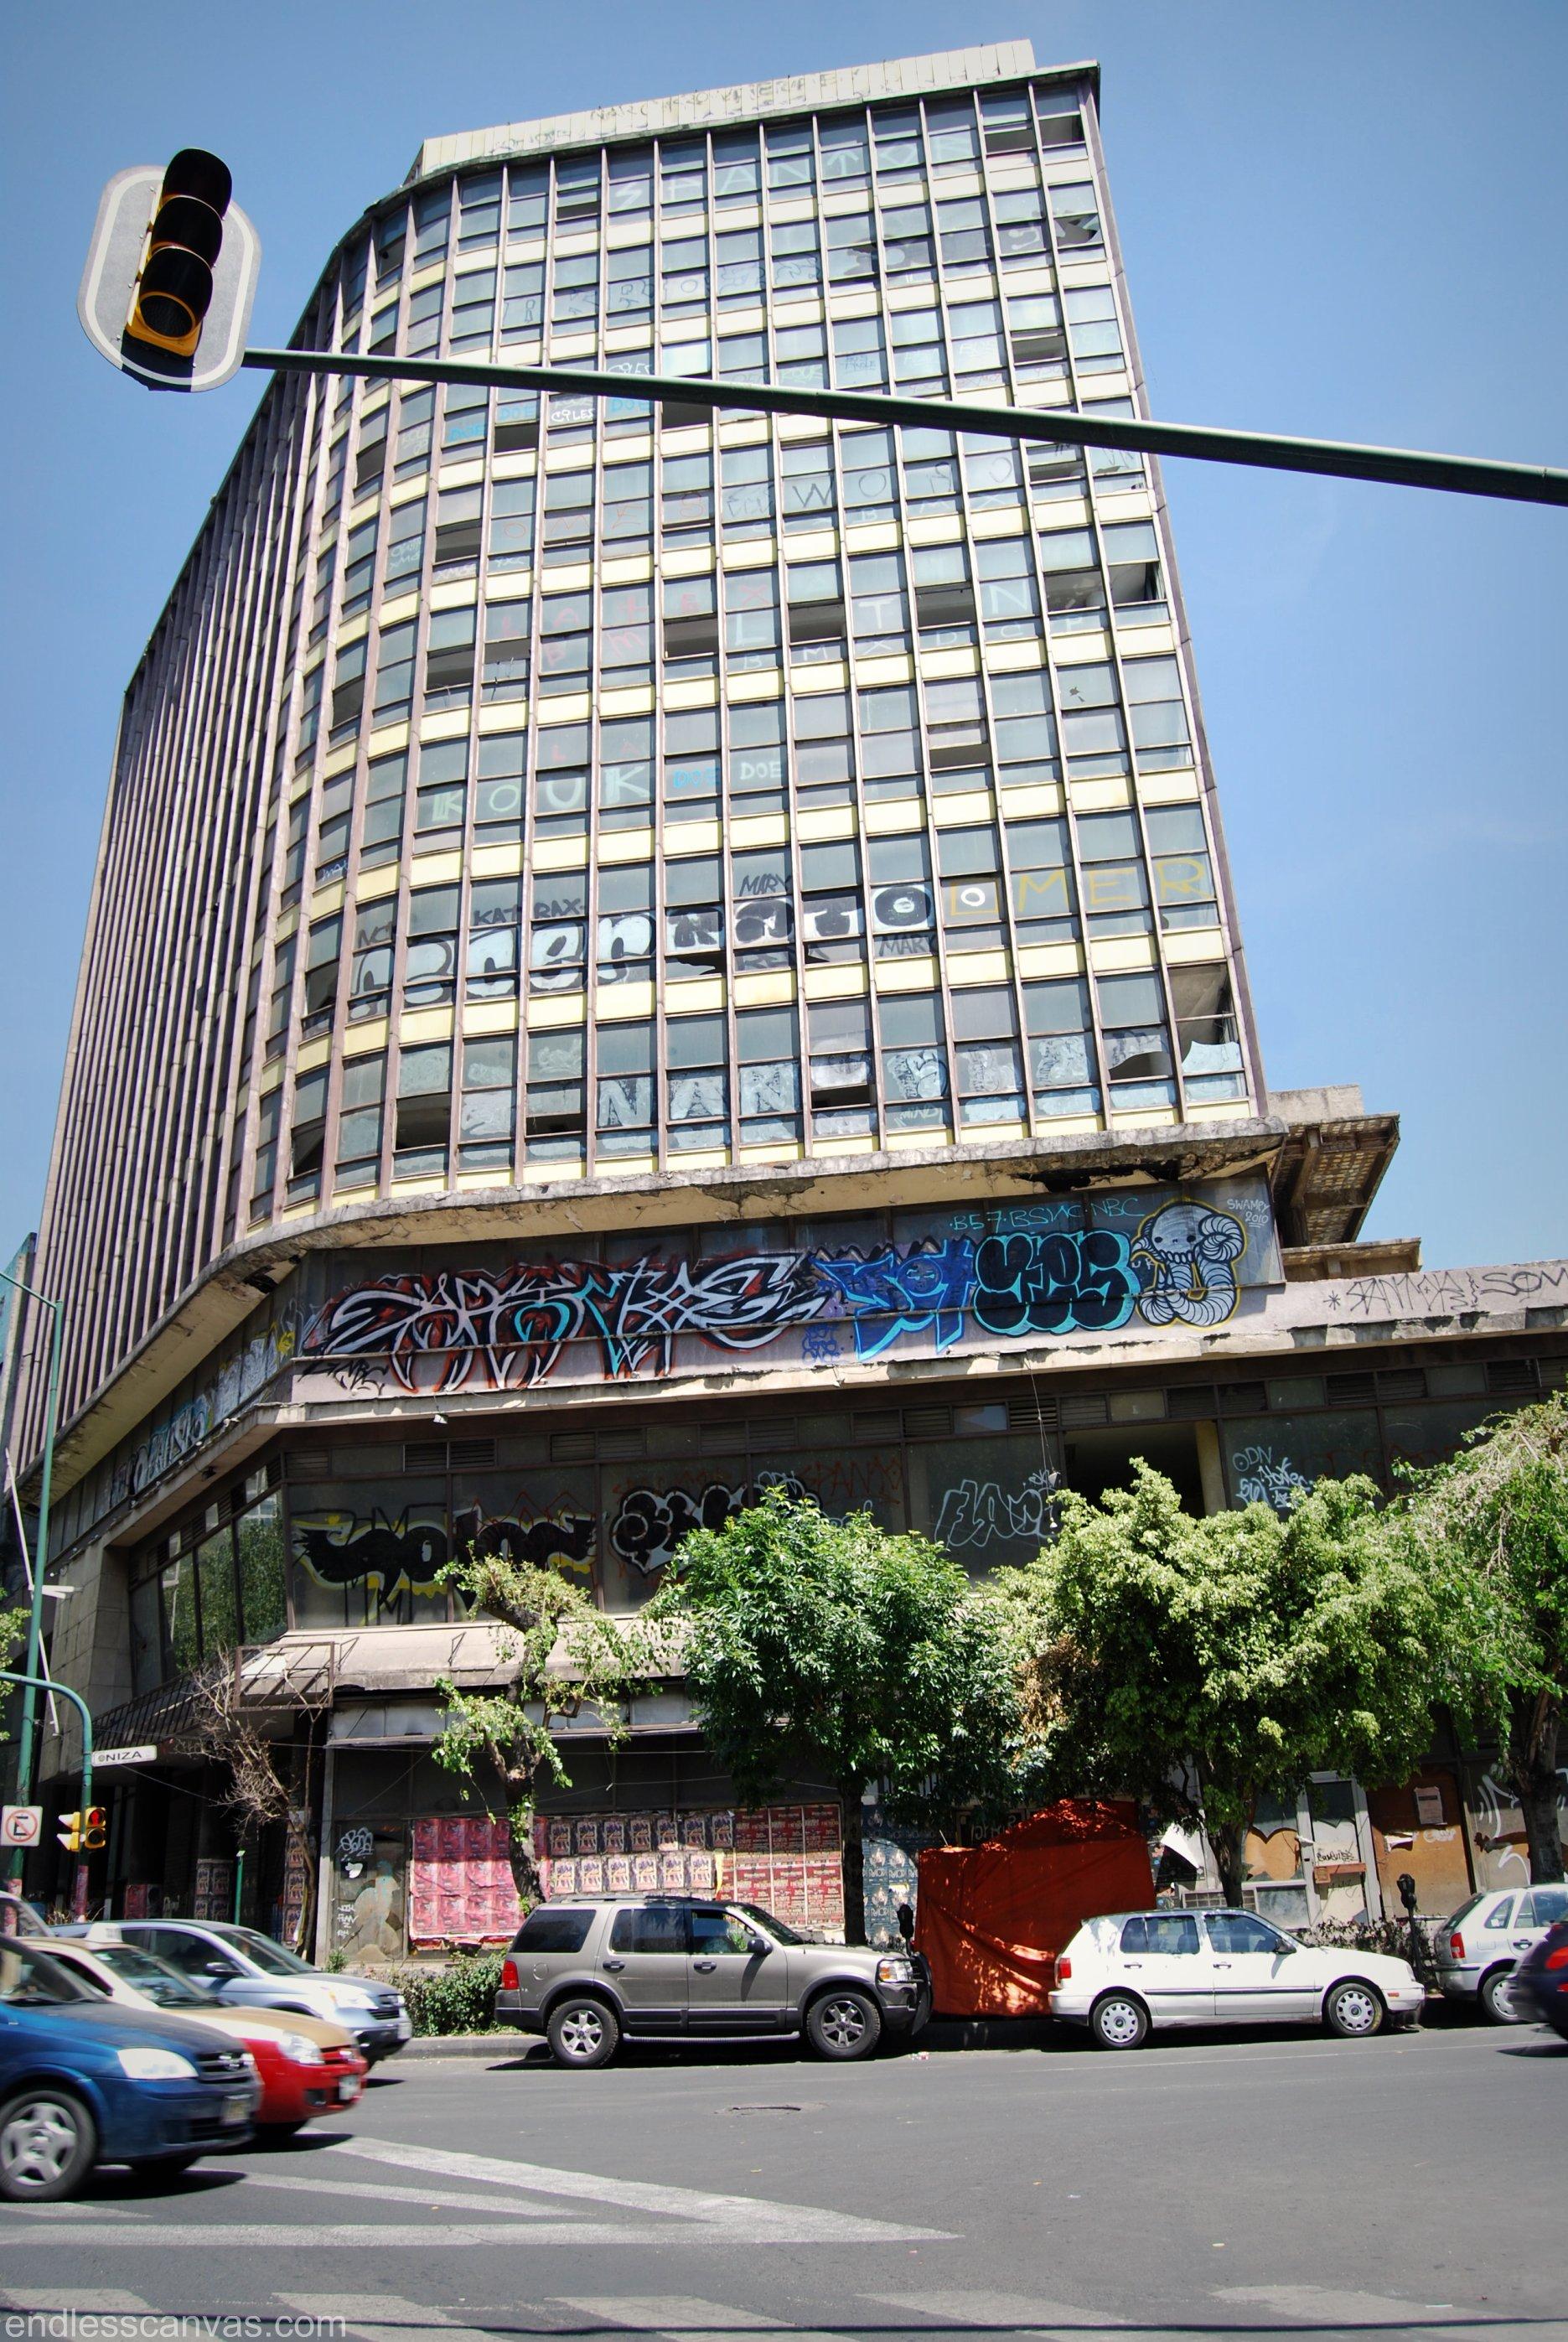 Swampy graffiti Mexico City Distrito Federal.